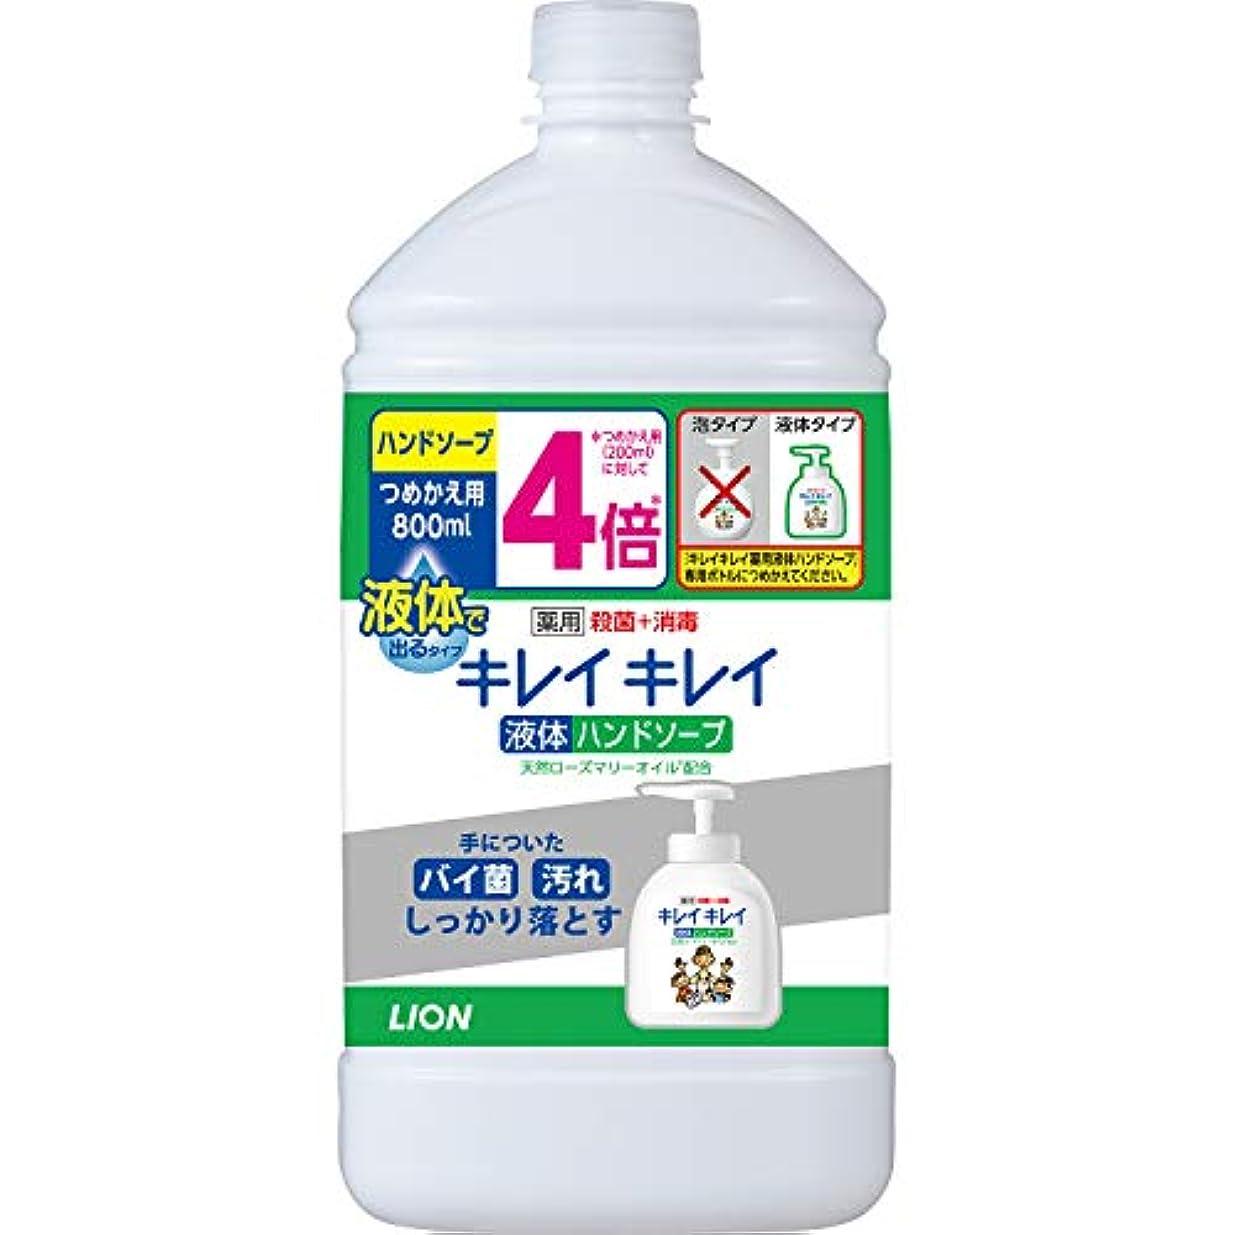 悪い朝ごはんプール(医薬部外品)【大容量】キレイキレイ 薬用 液体ハンドソープ 詰め替え 特大 800ml